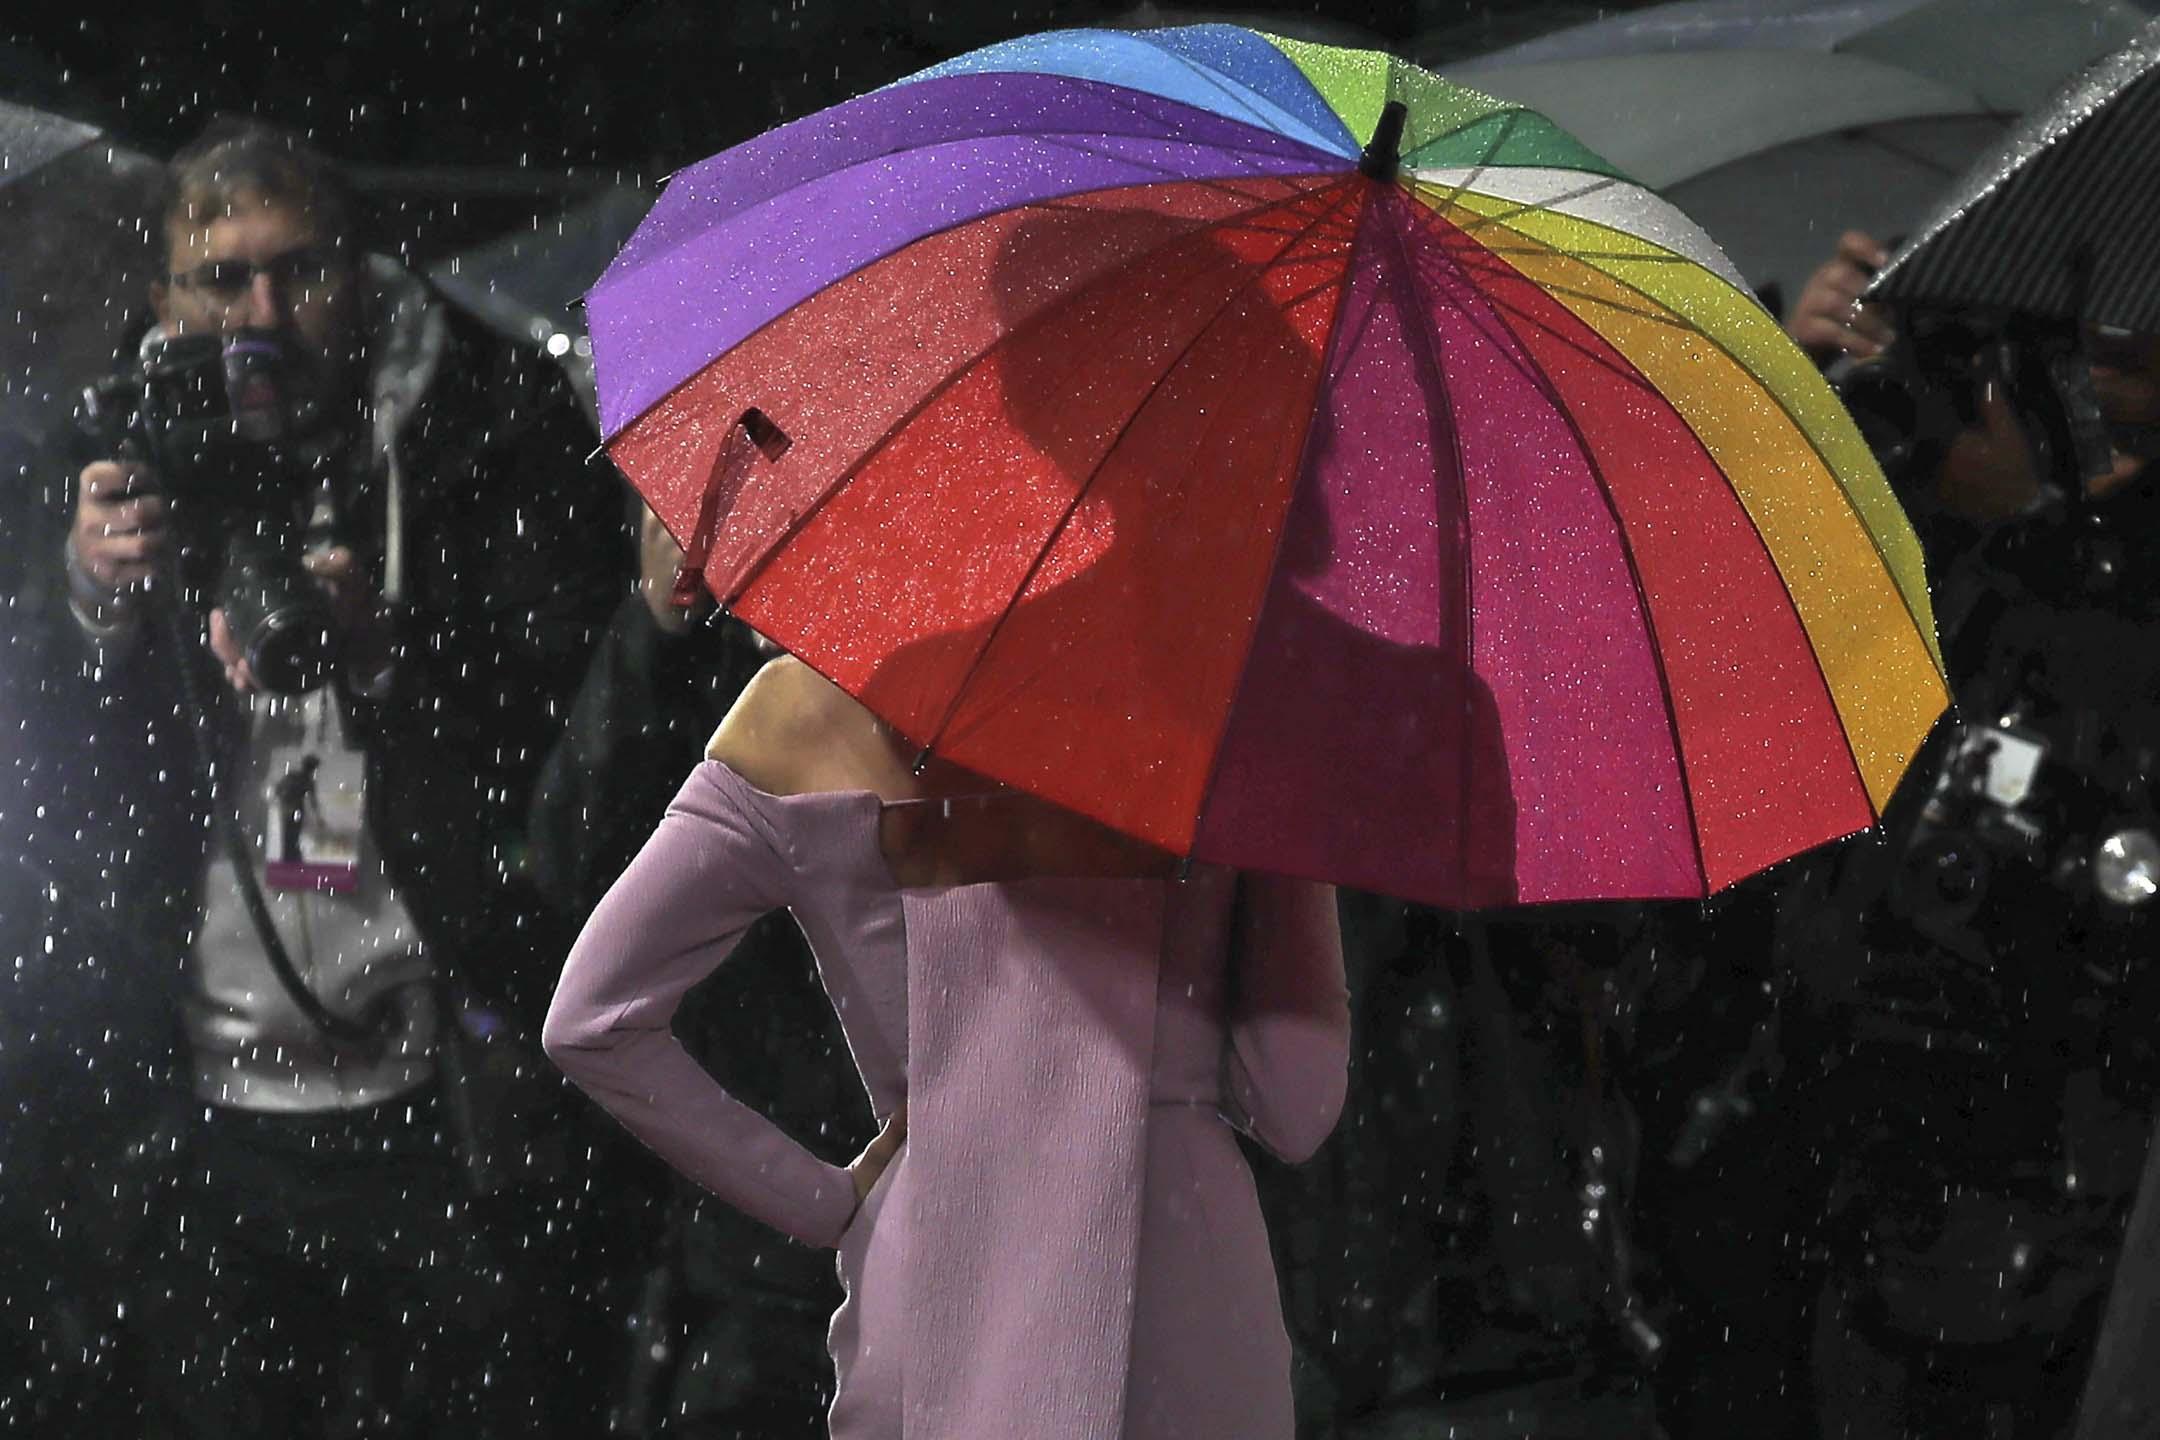 2019年9月30日,倫敦舉行的《《星夢女神:茱地嘉蘭》》歐洲首映禮,Renee Zellweger在紅地毯上拿著雨傘。 攝:Tolga Akmen/AFP via Getty Images